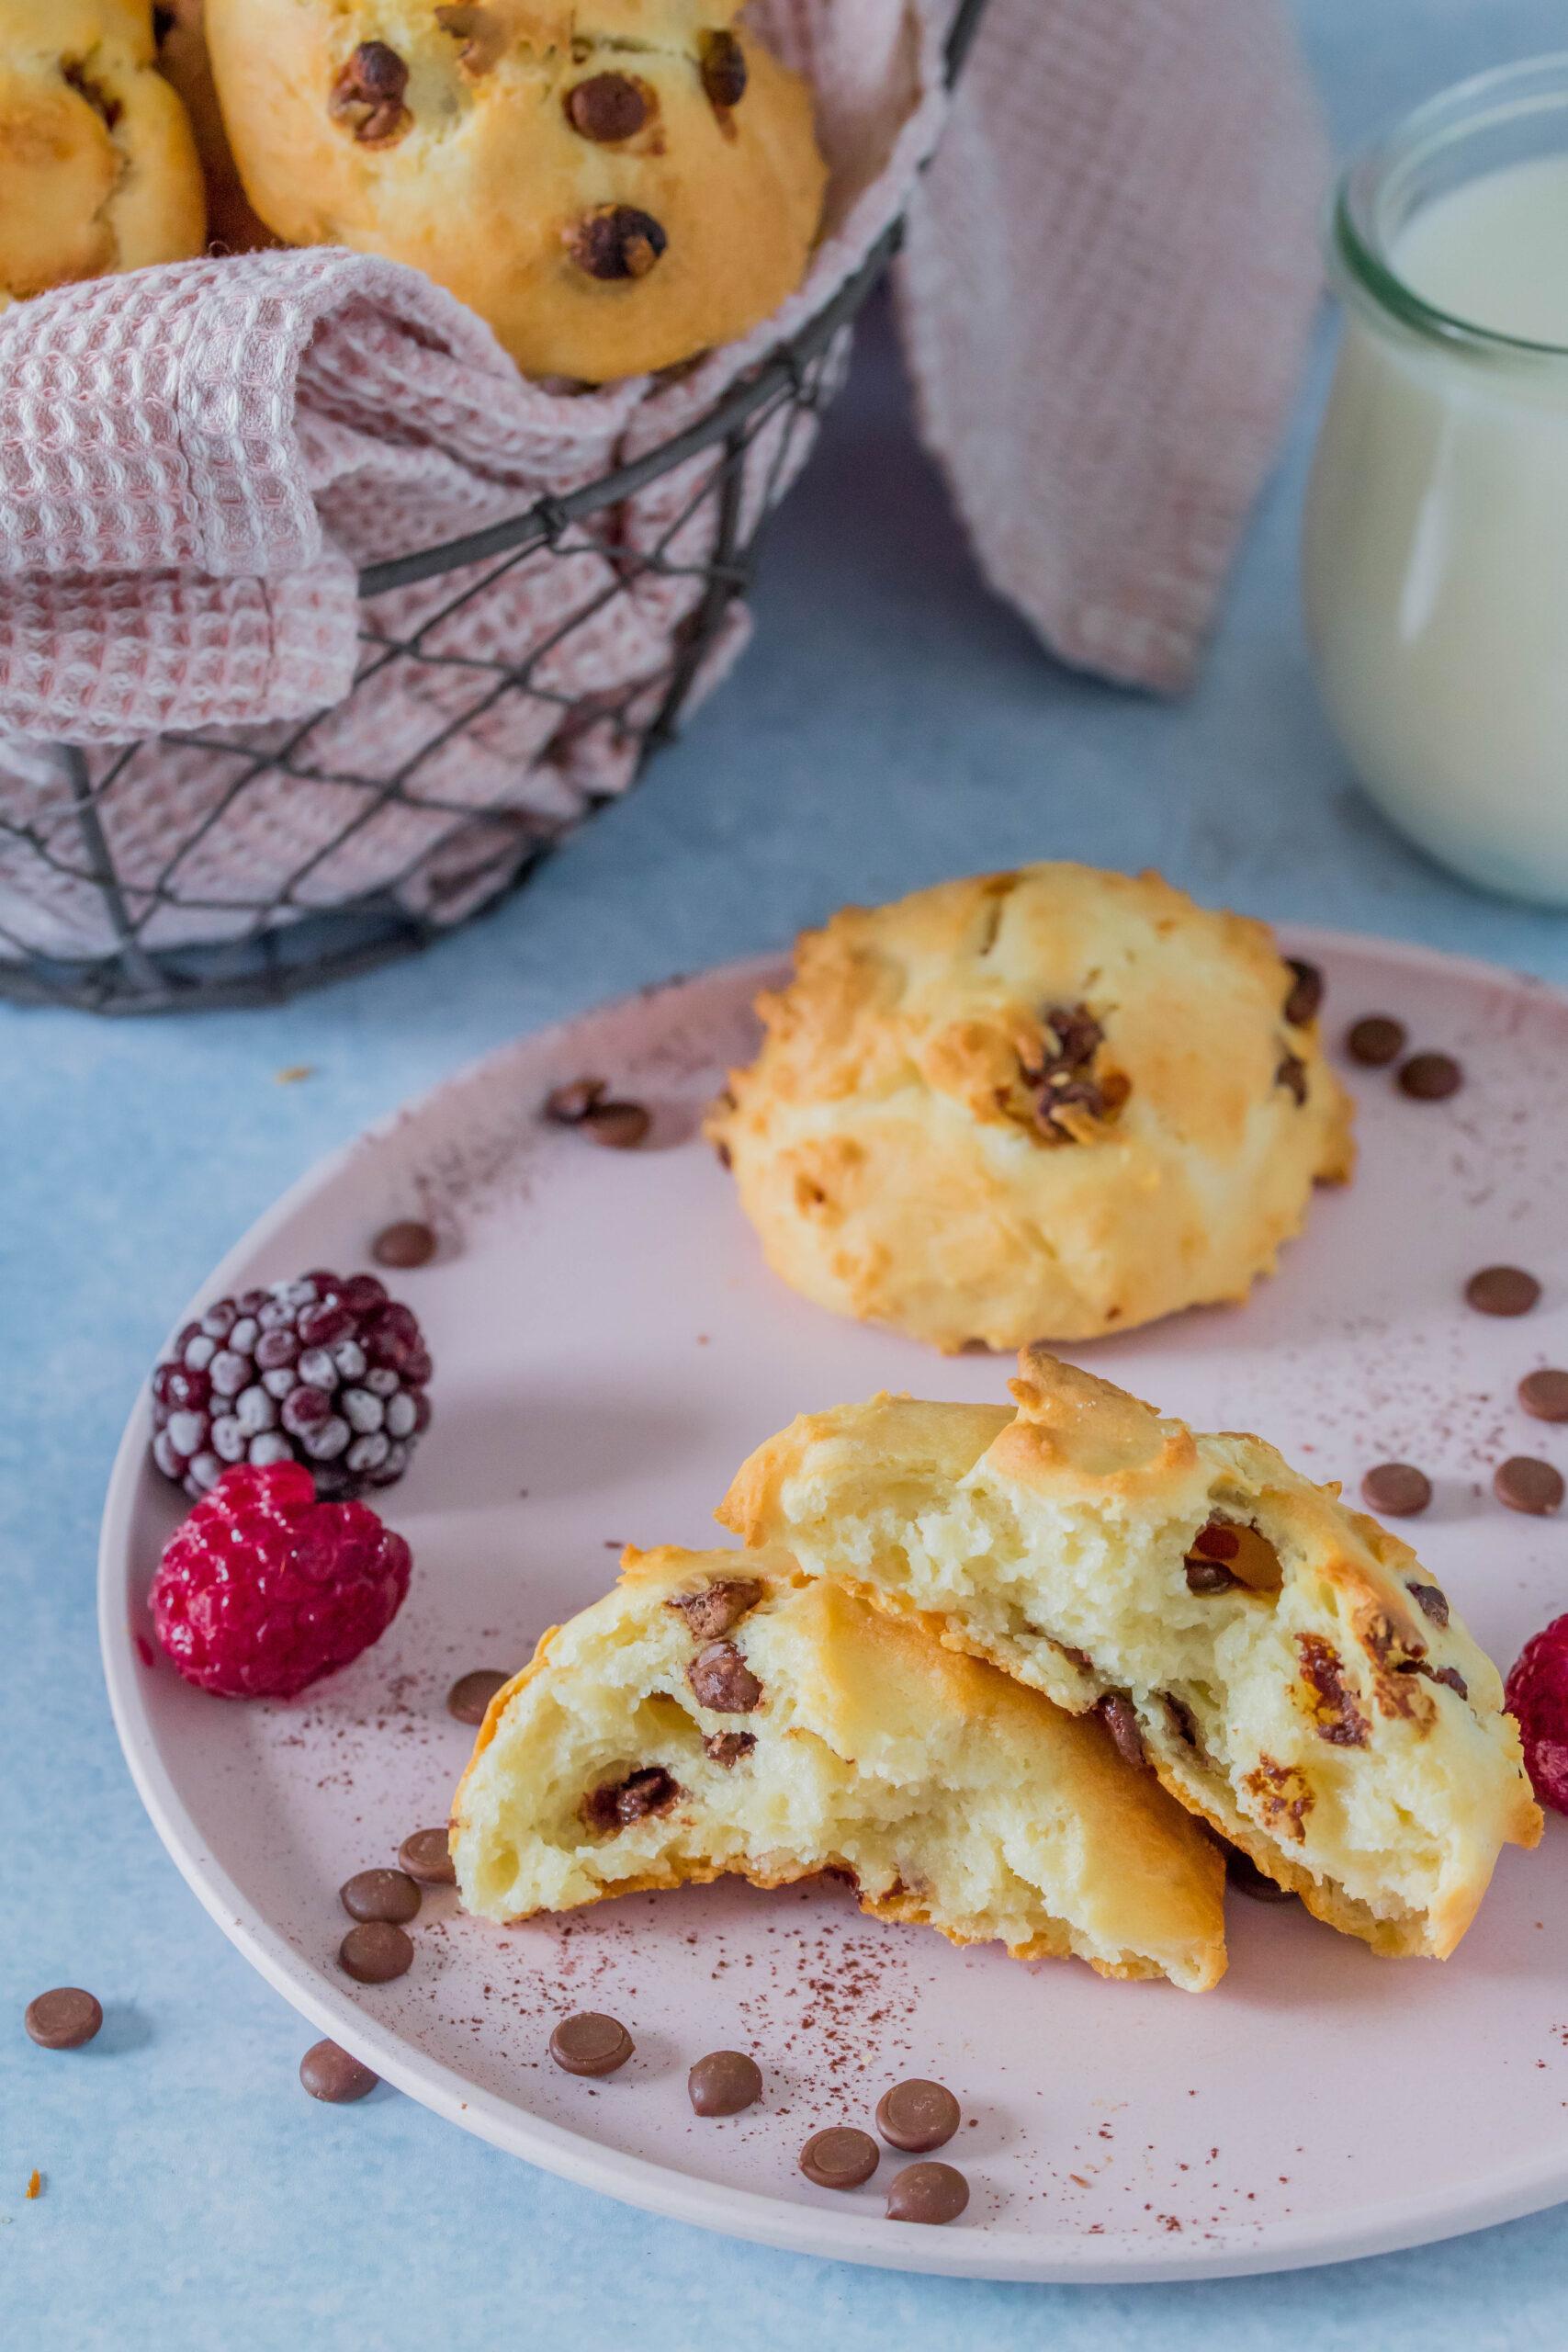 Schoko-Quarkbrötchen: einfach, schnell und lecker. Ohne Zuckerzusatz. Perfekter Snack für unterwegs.